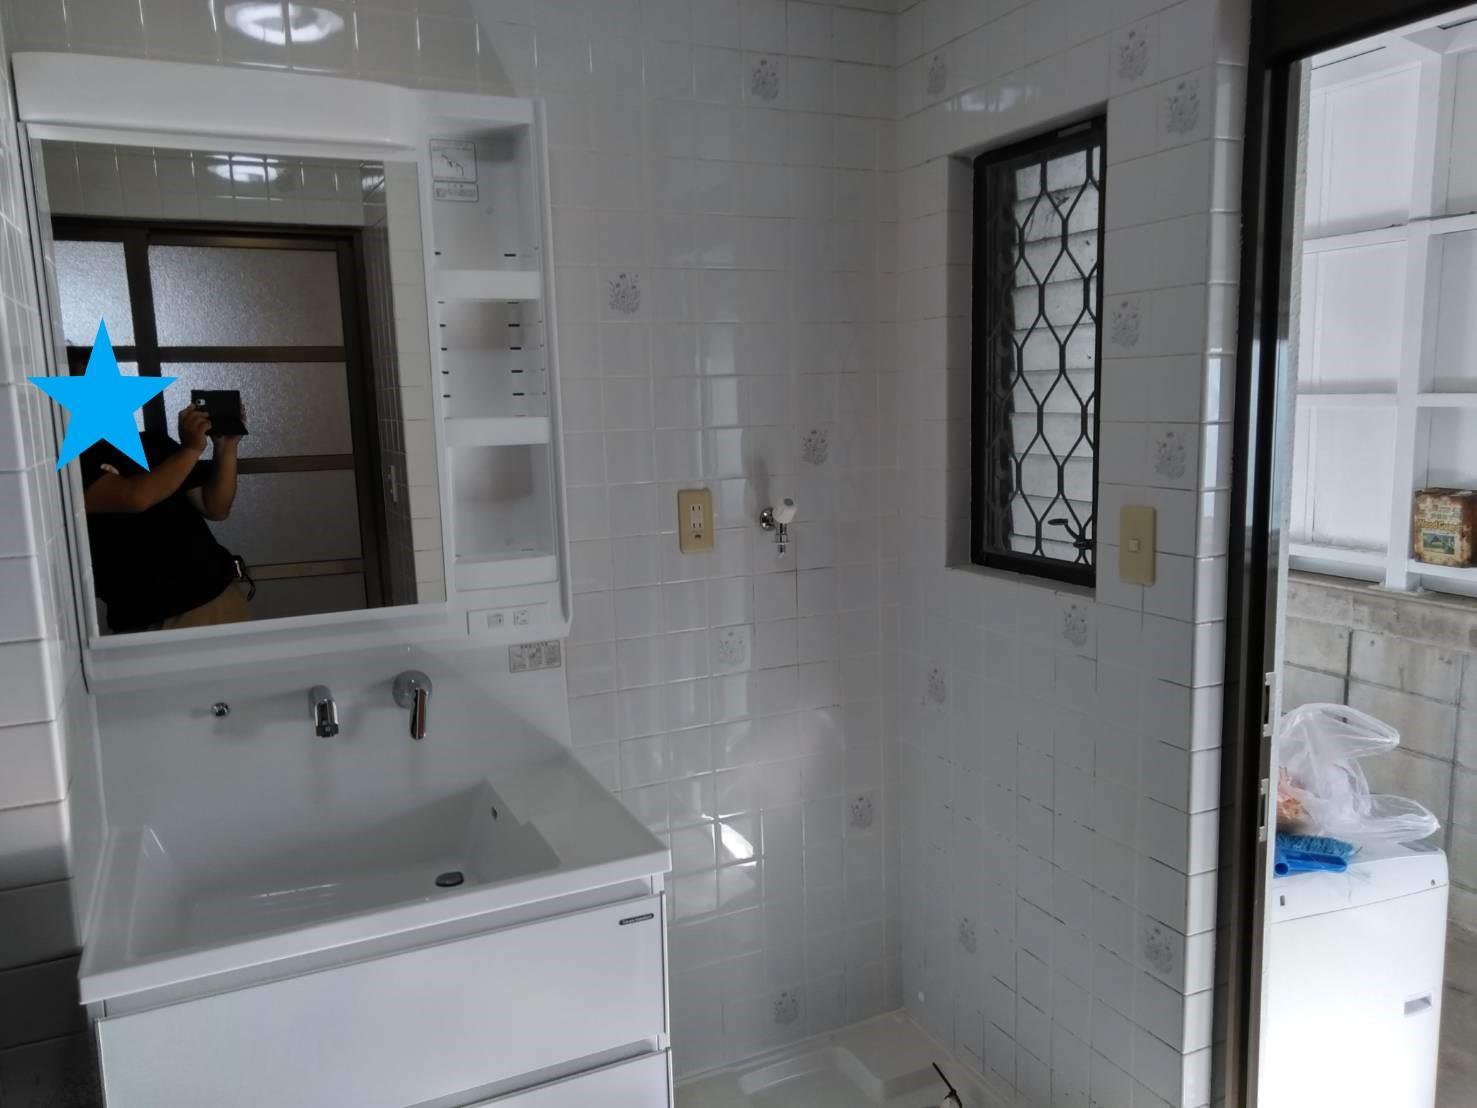 洗面室他リフォーム(リフォーム施工事例)を公開しました。 | 沖縄や那覇でリフォームするなら【株式会社 あうん工房】